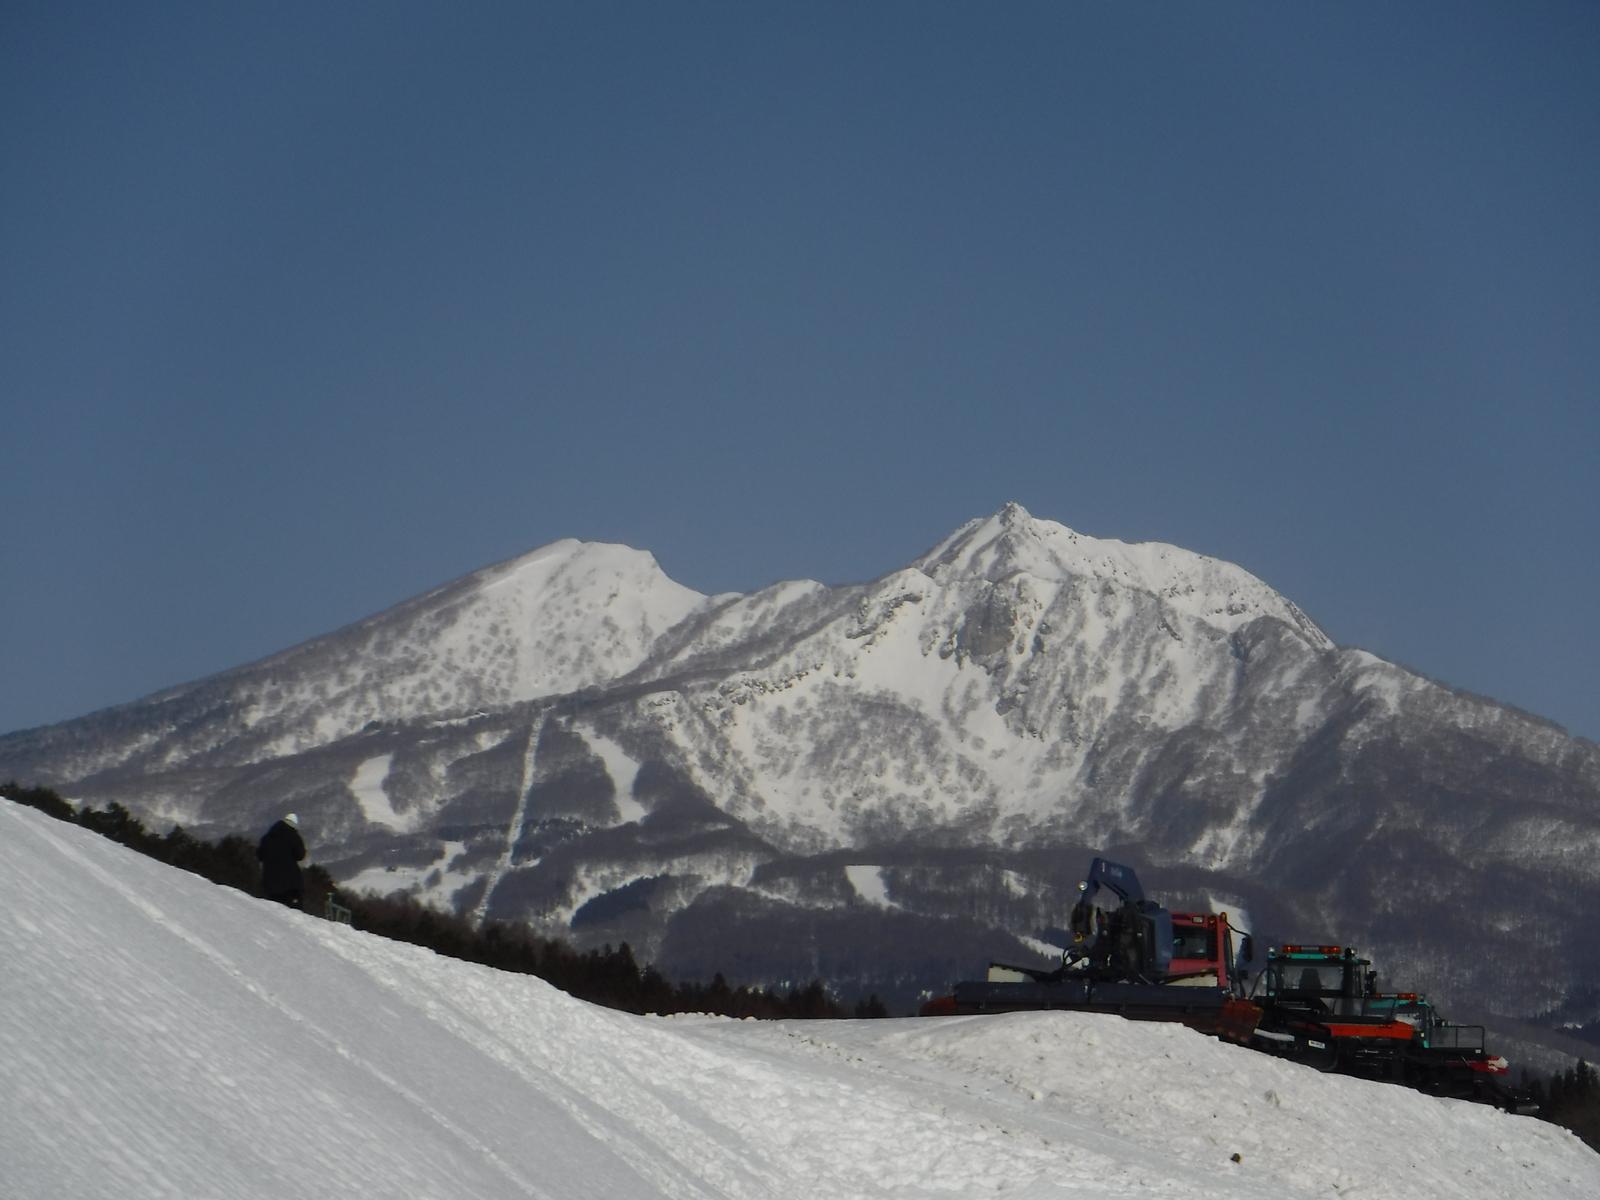 黒姫スキー場上部より、妙高、三田原山、赤倉山